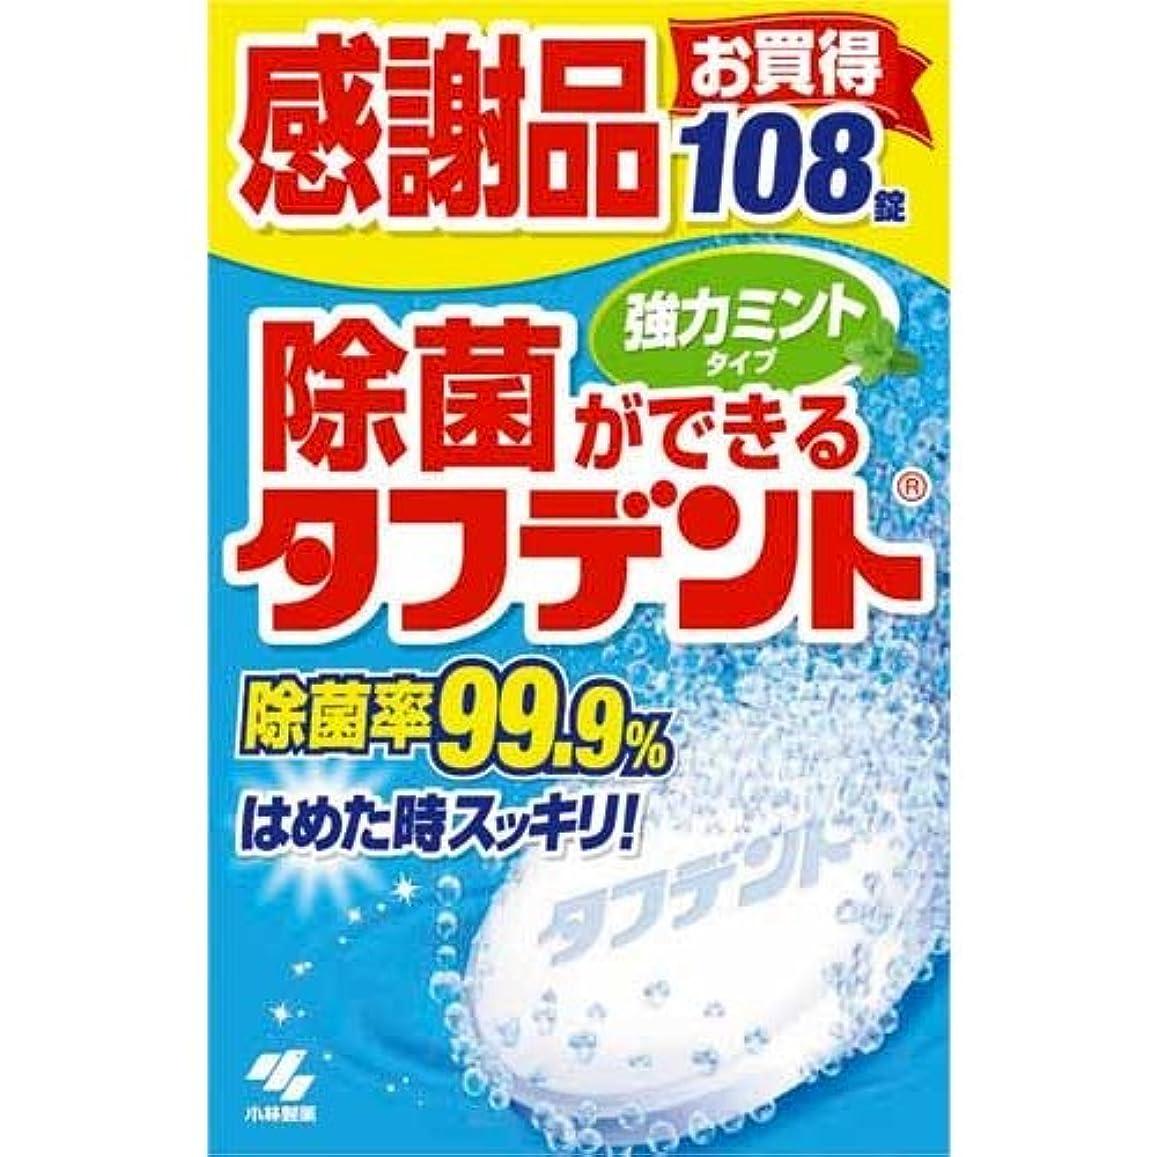 コンバーチブルひねくれた直面する小林製薬 除菌ができるタフデント 強力ミントタイプ 感謝品 108錠